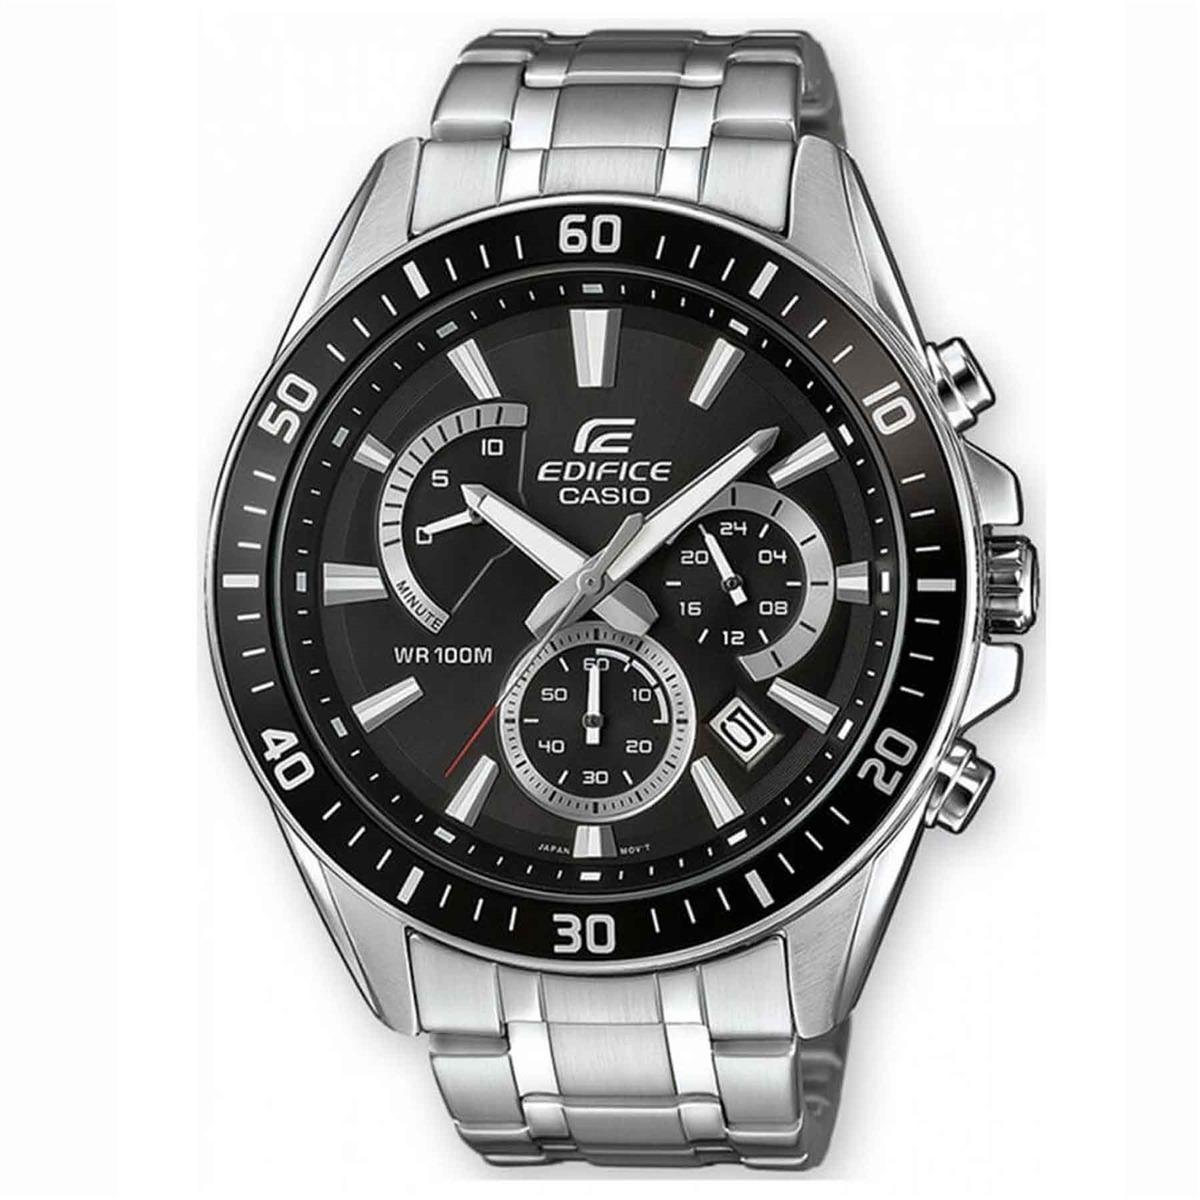 d17f0c2a76e Relógio Casio Edifice Cronógrafo Masculino Analógico Efr-552 - R ...